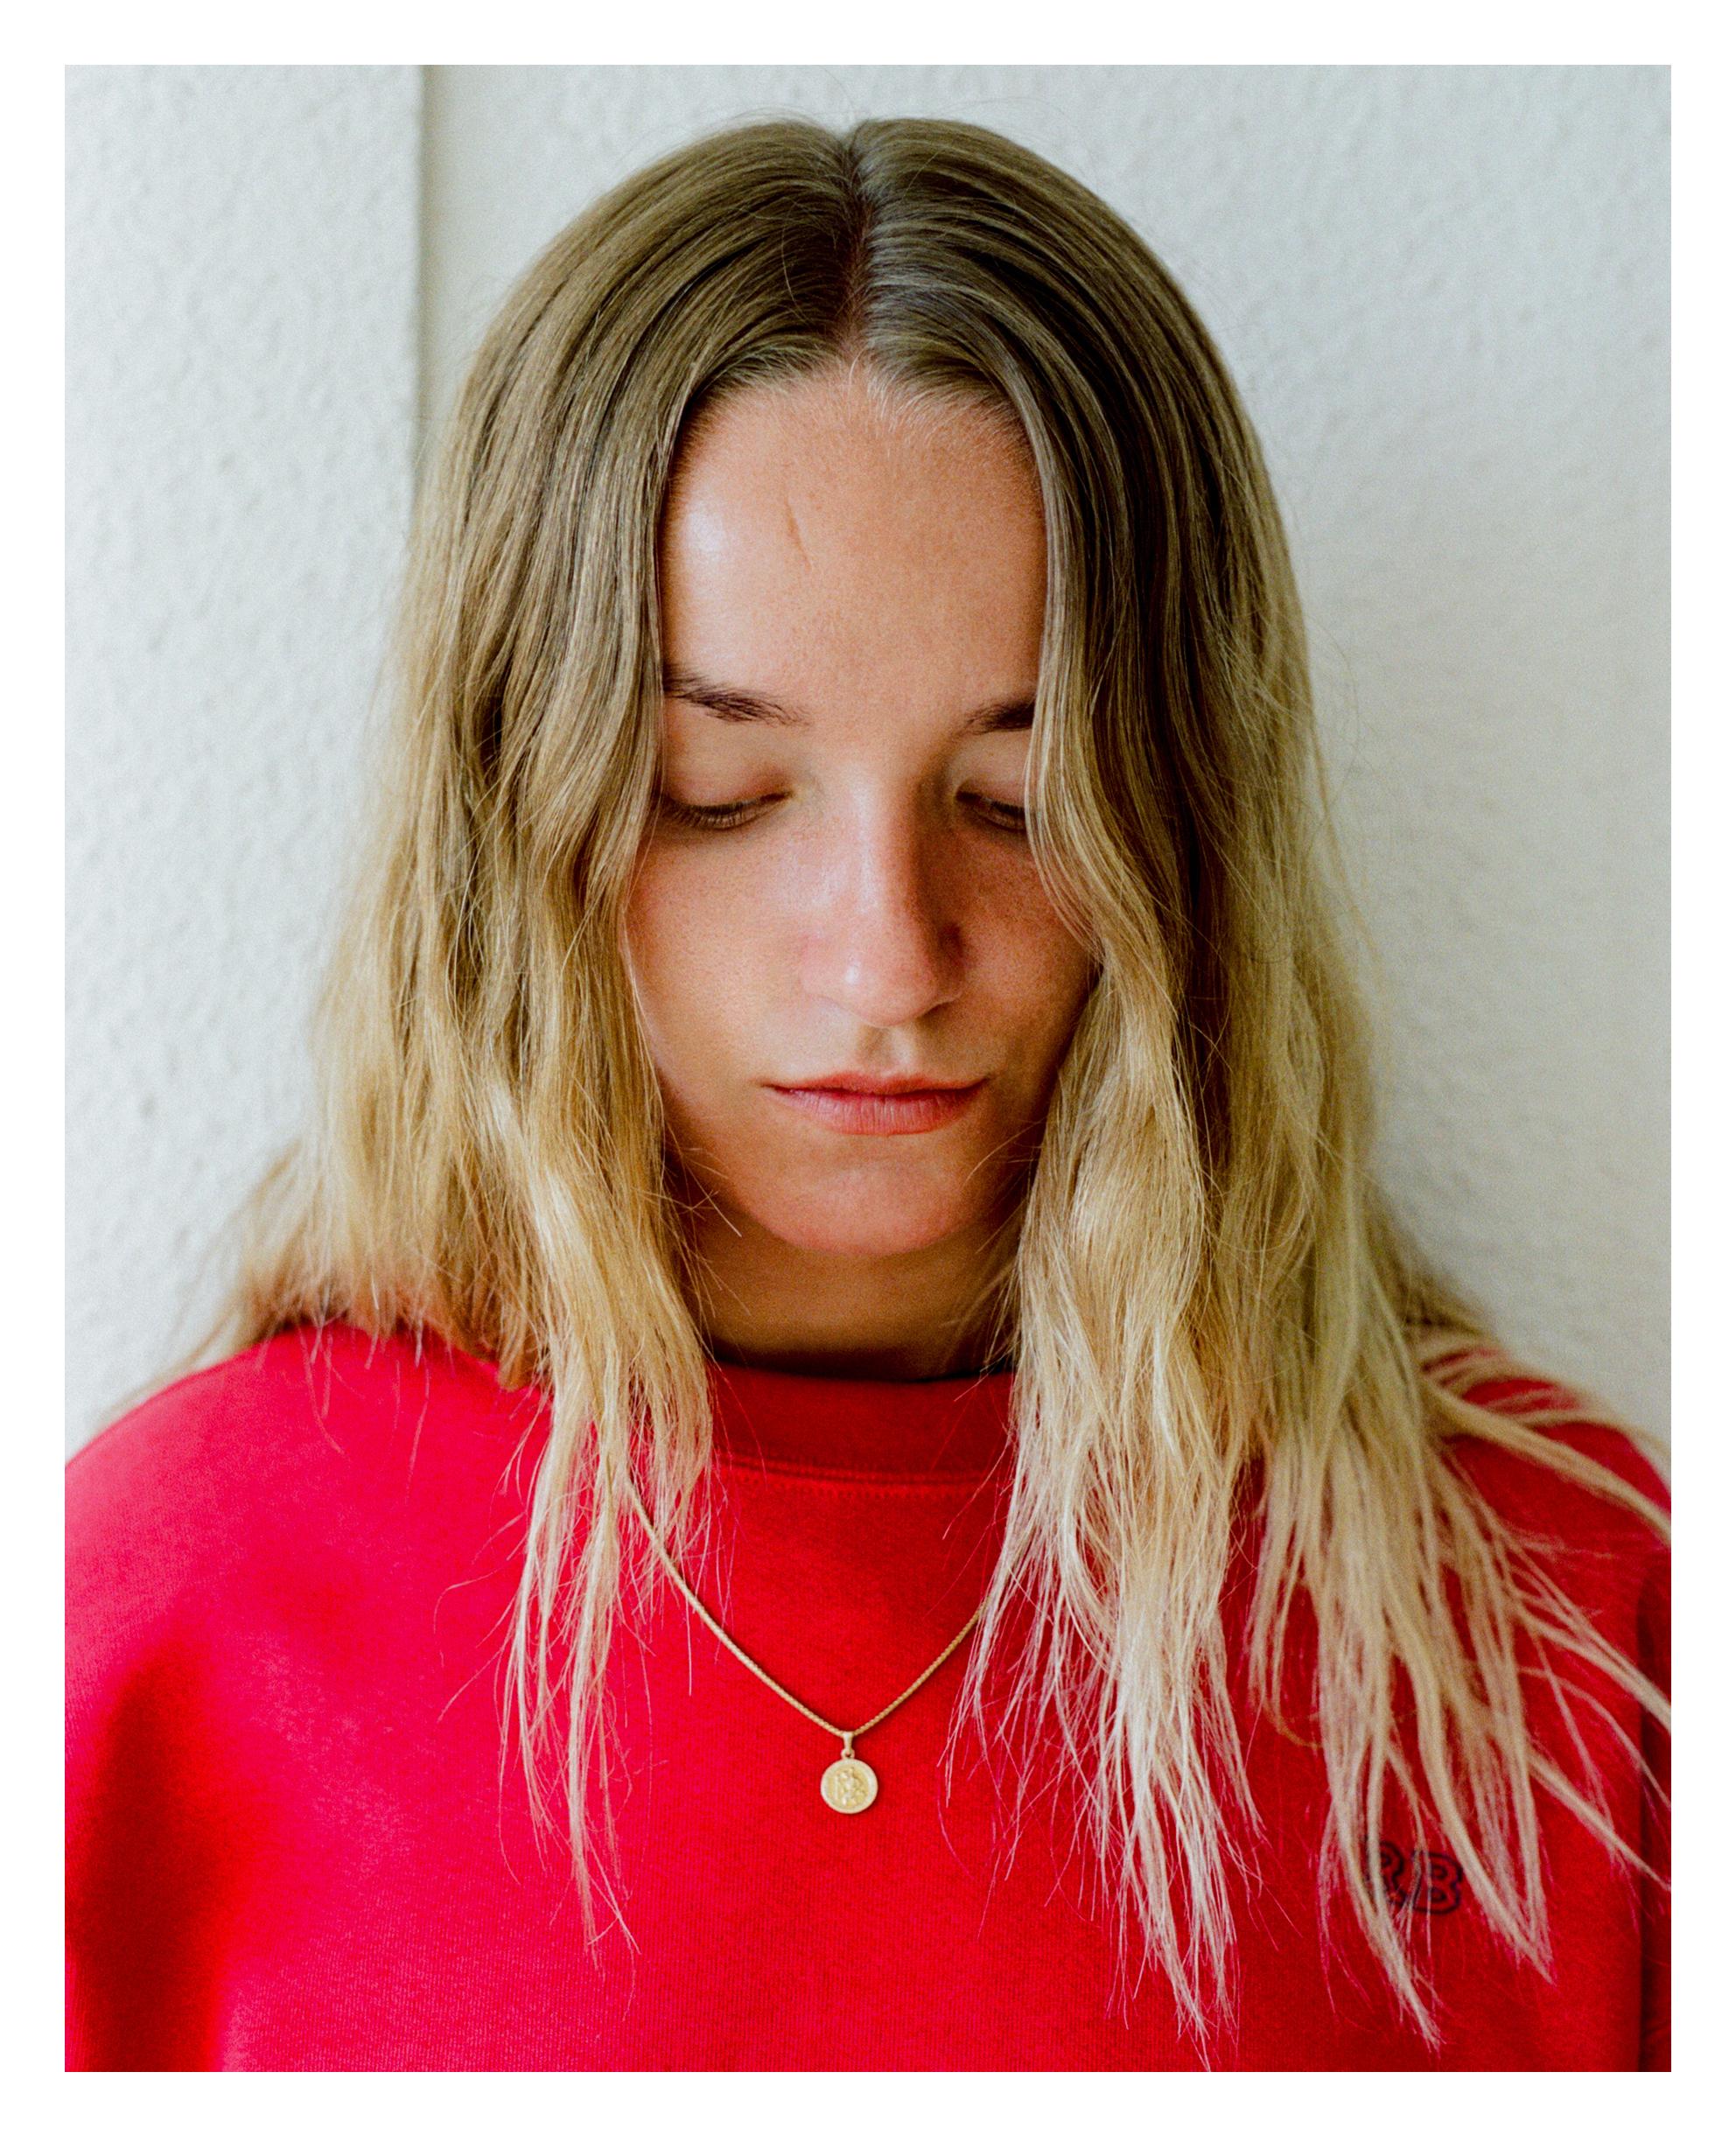 Nancy Portrait Boarder.jpg